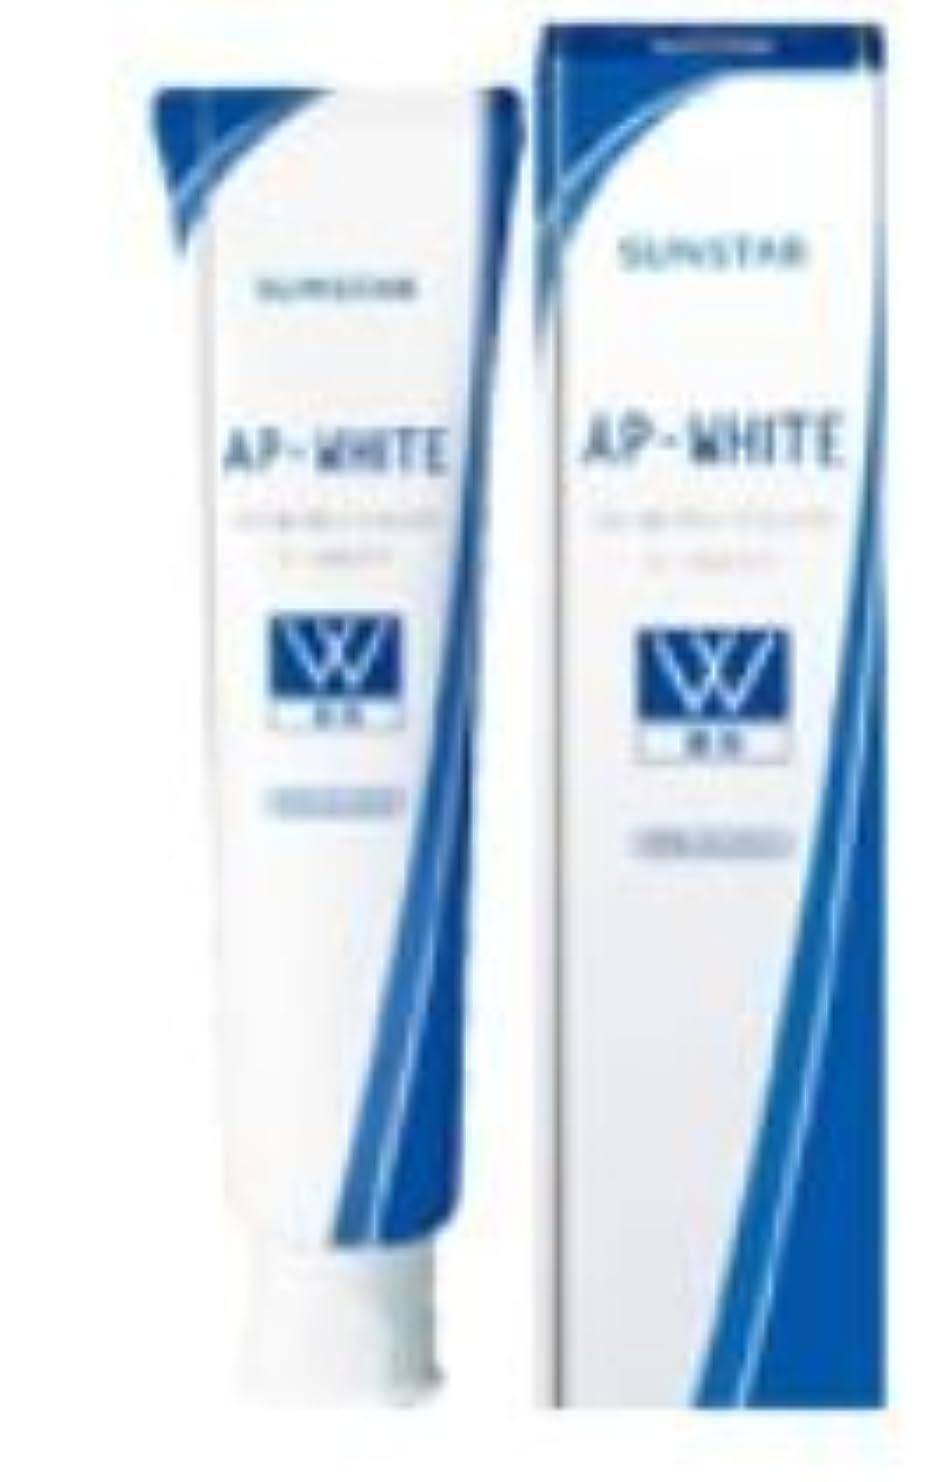 オリエンテーションあごひげ失望薬用APホワイトペースト リフレッシュミント 110g ×10個